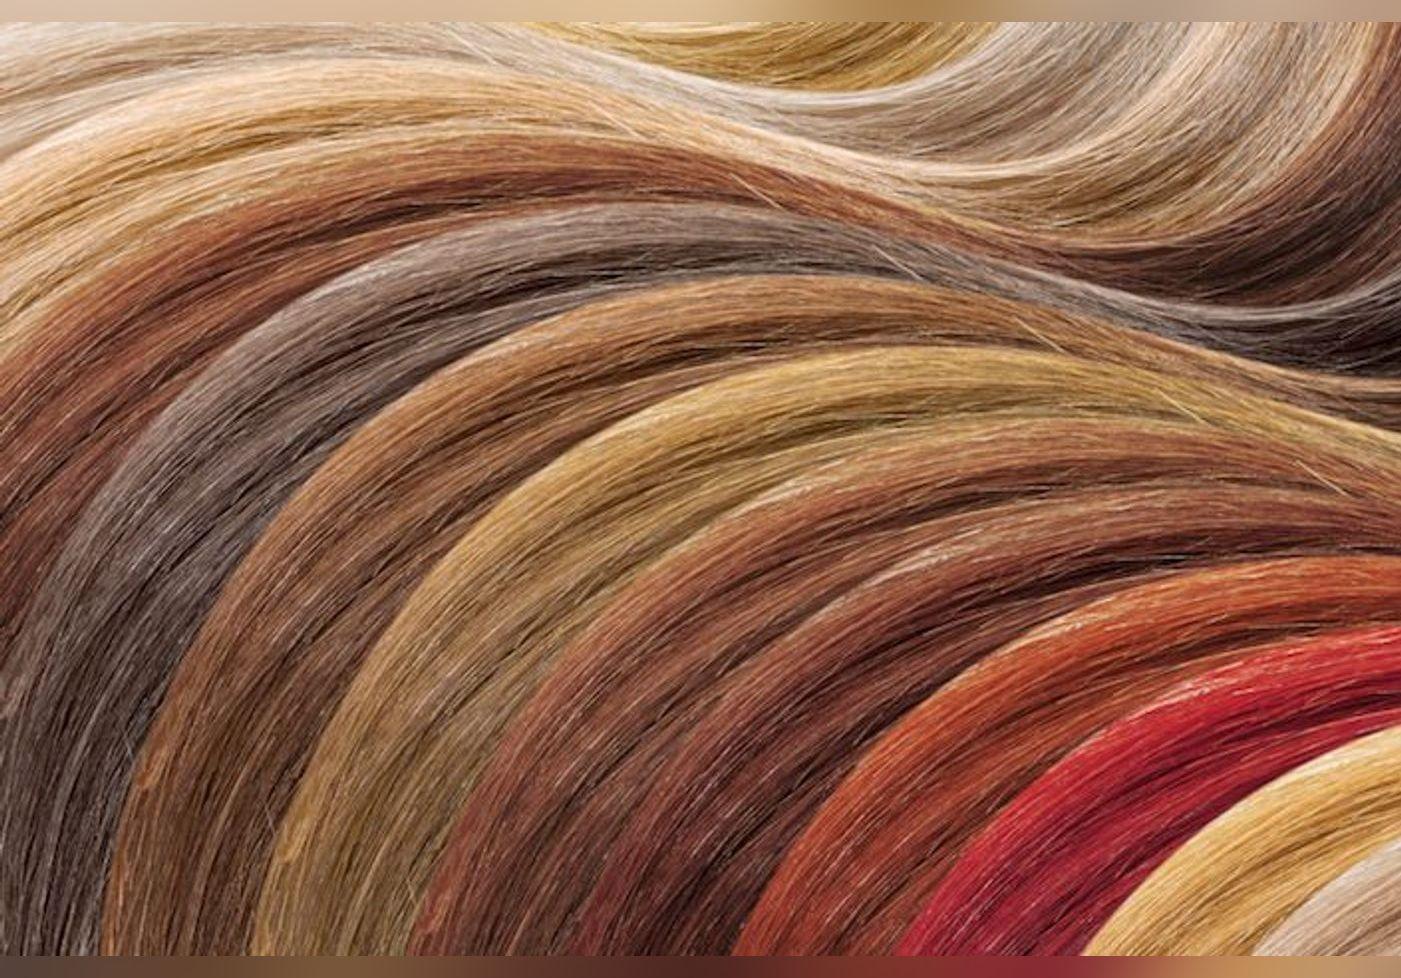 Cheveux colorés : comment en prendre soin durant l'été ?